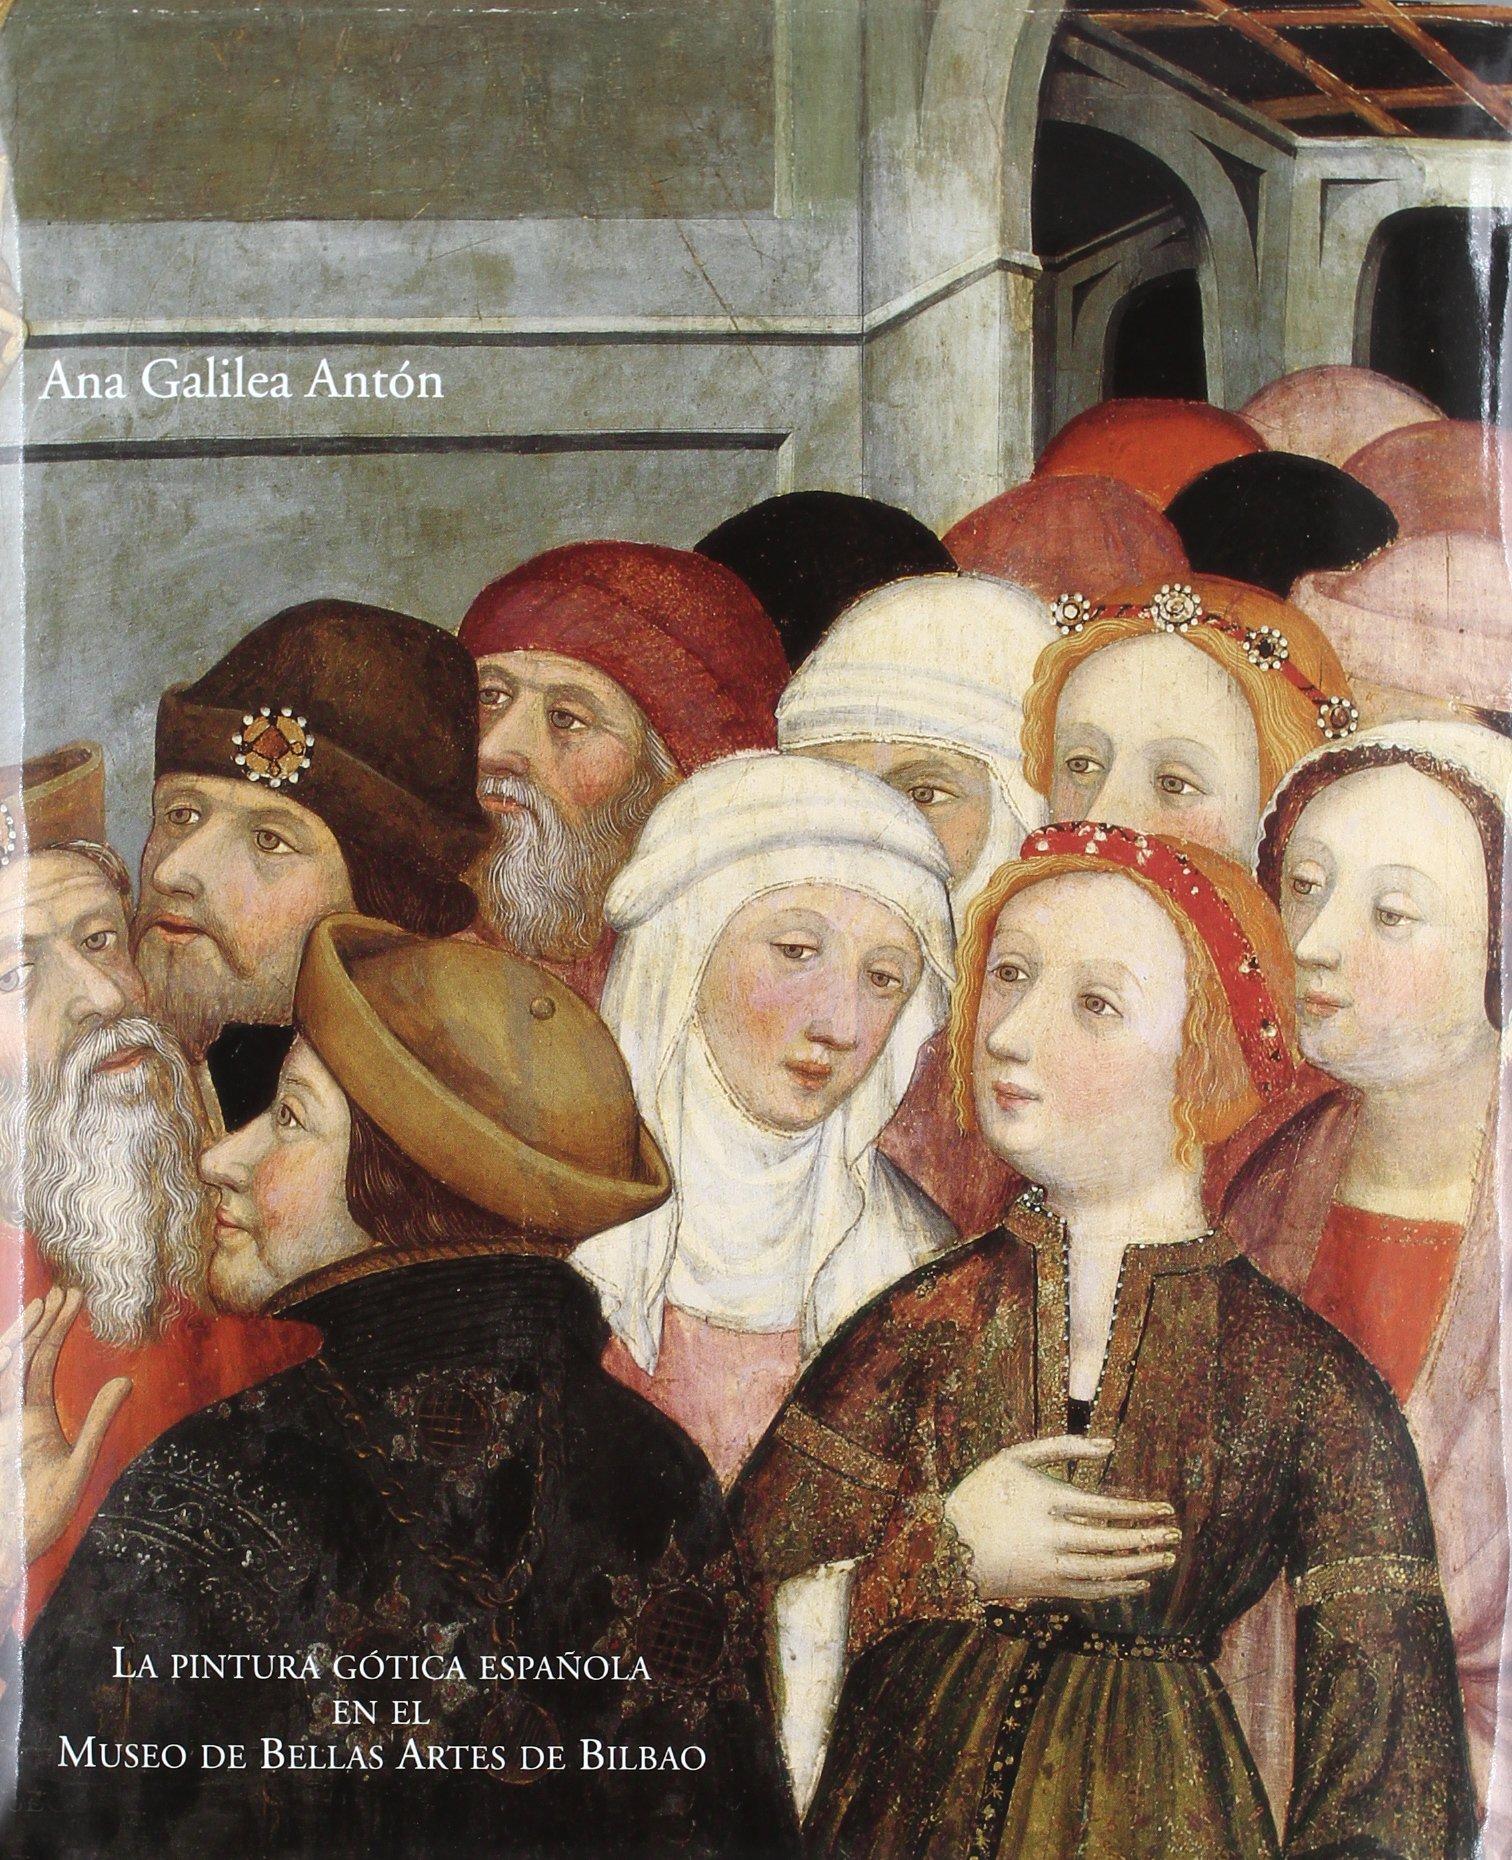 La pintura gotica española en el museo de bellas artes de Bilbao ...